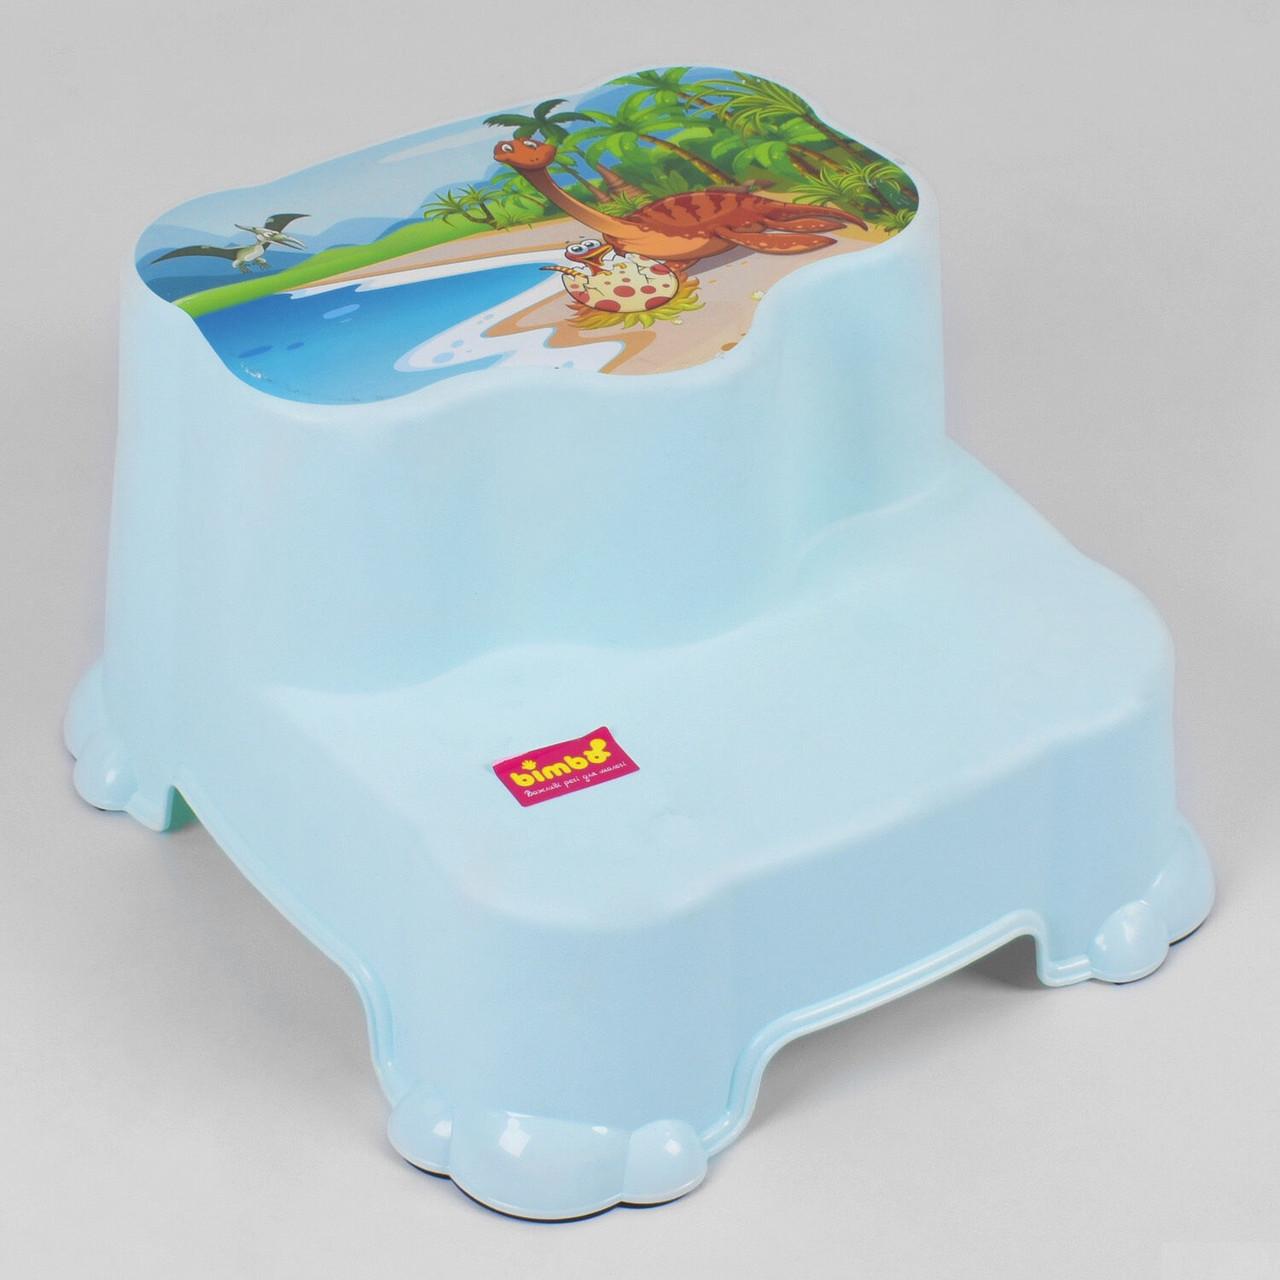 Детская подставка-стульчик на две ступени BIMBO